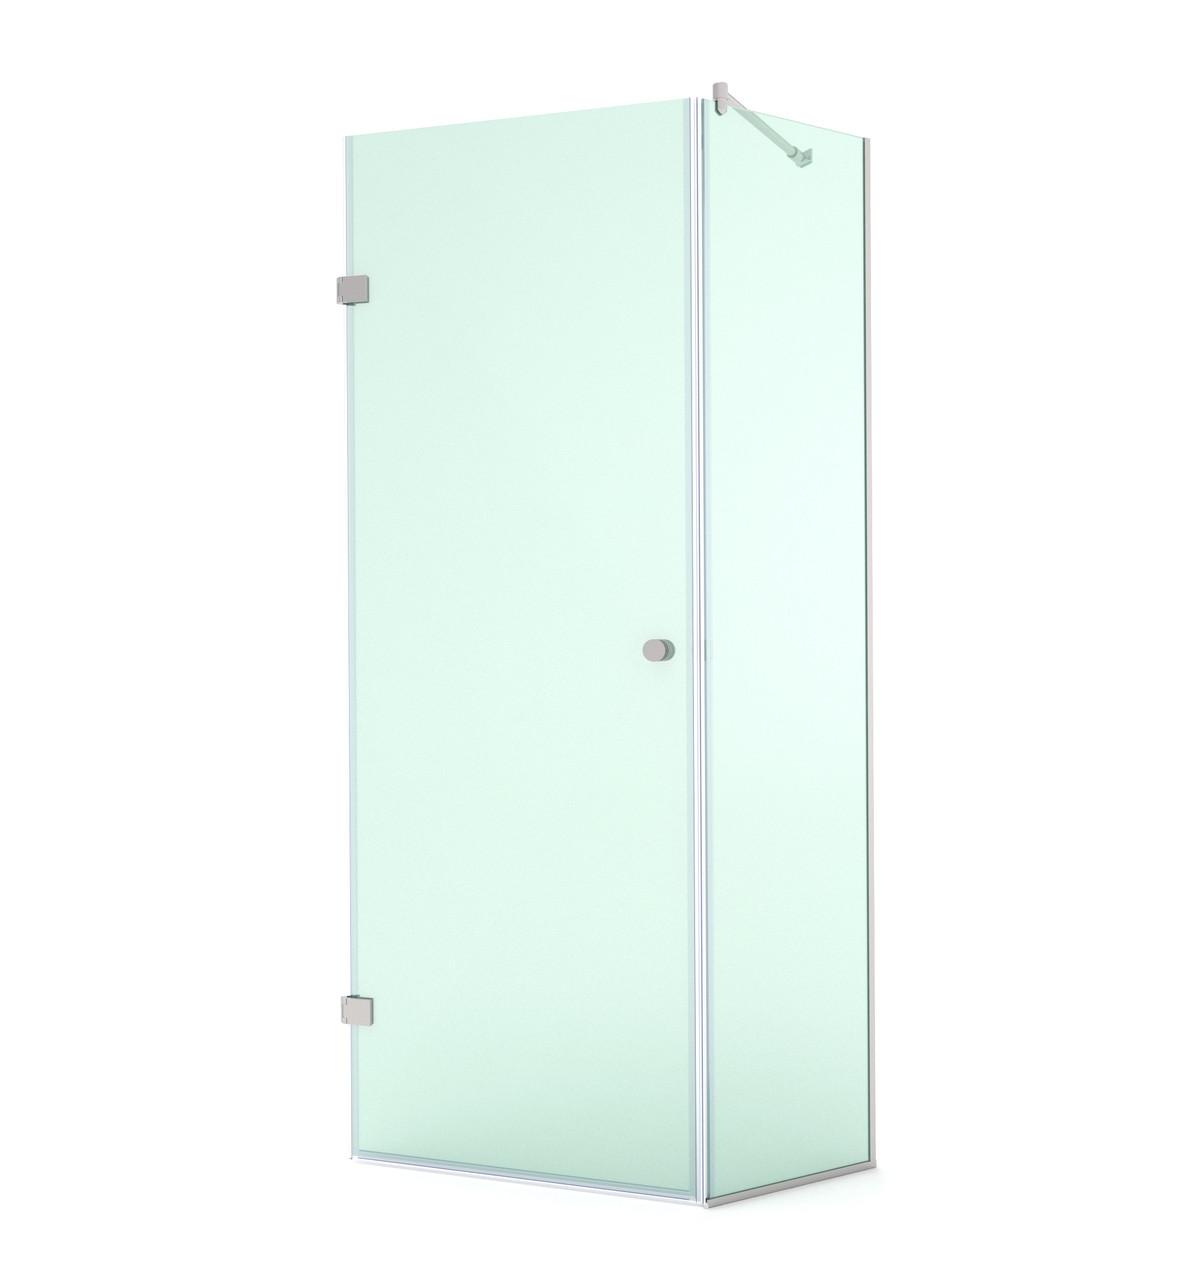 Распашная душевая дверь в нишу, модели SD-02-07